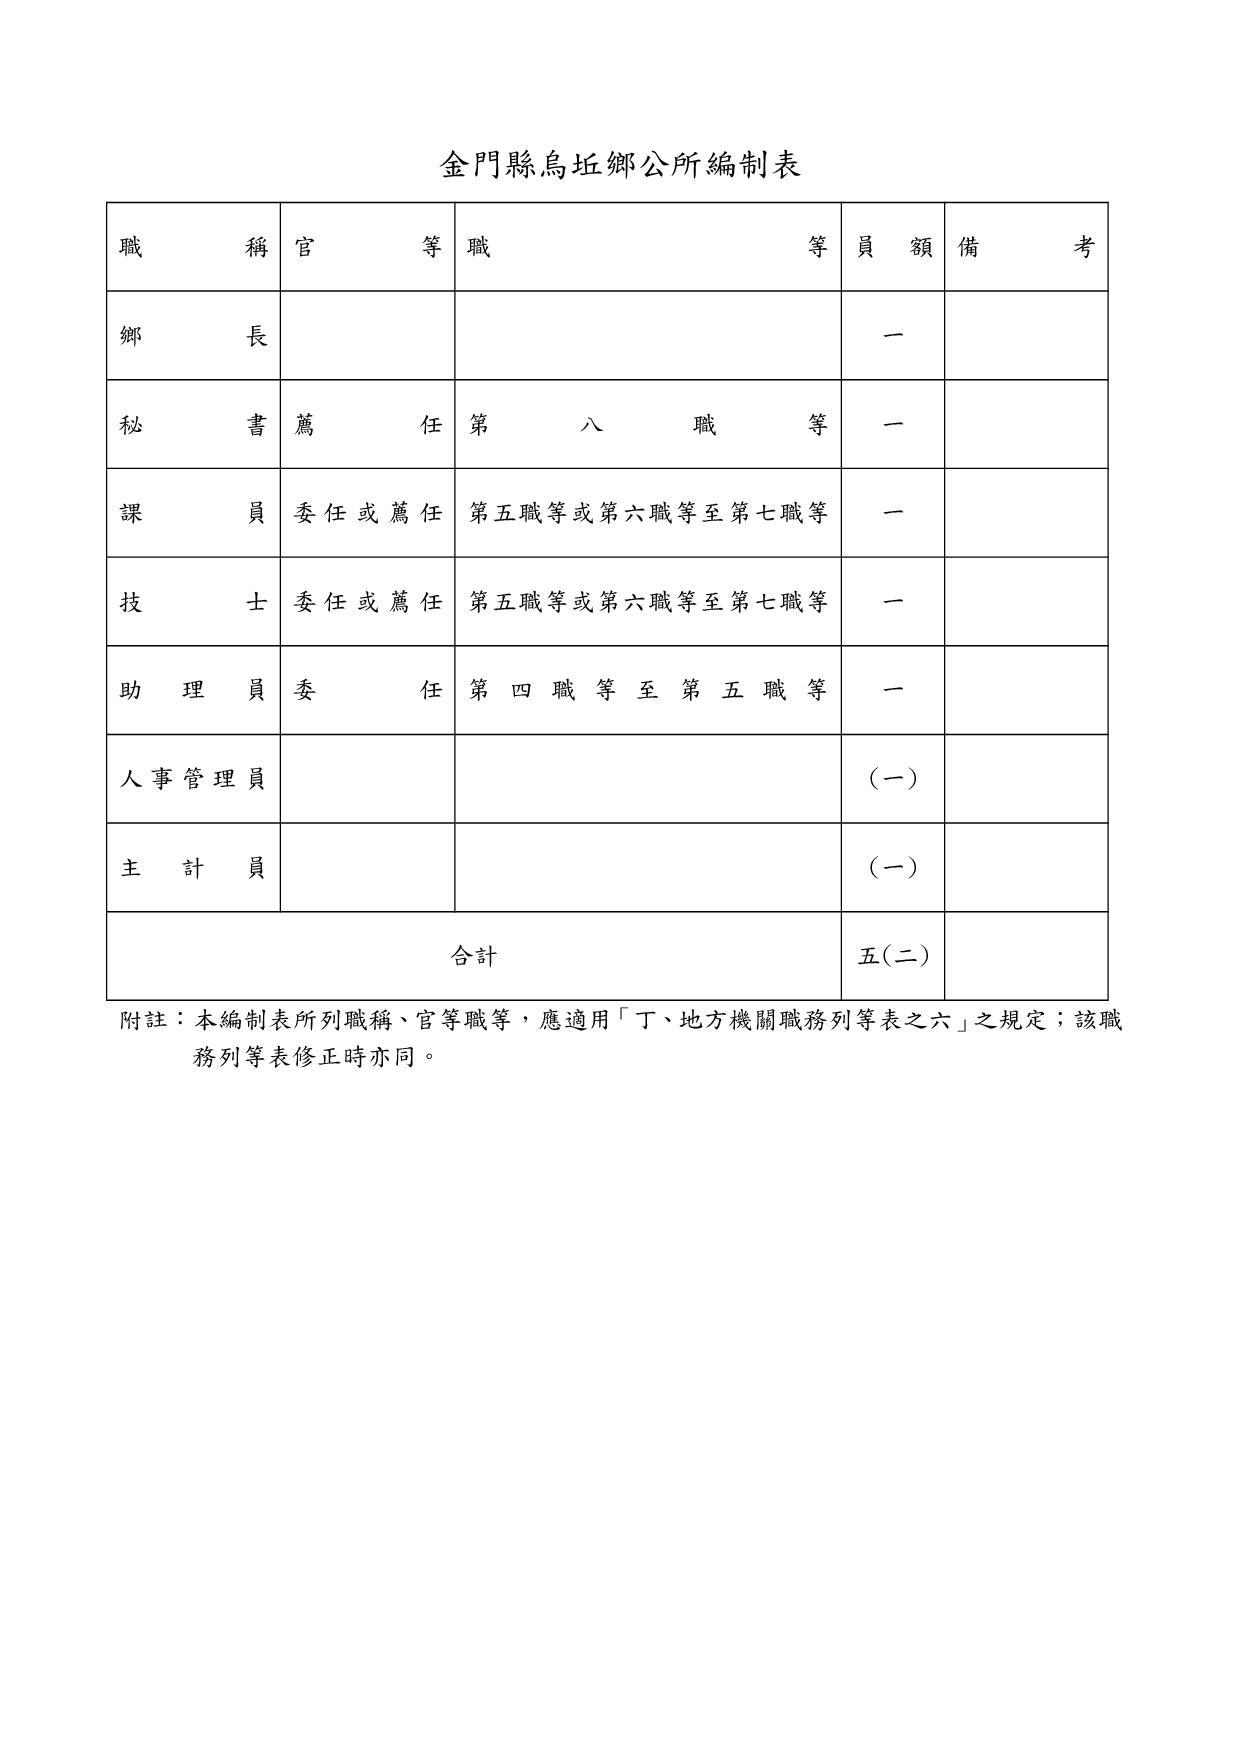 金門縣烏坵鄉公所編制表